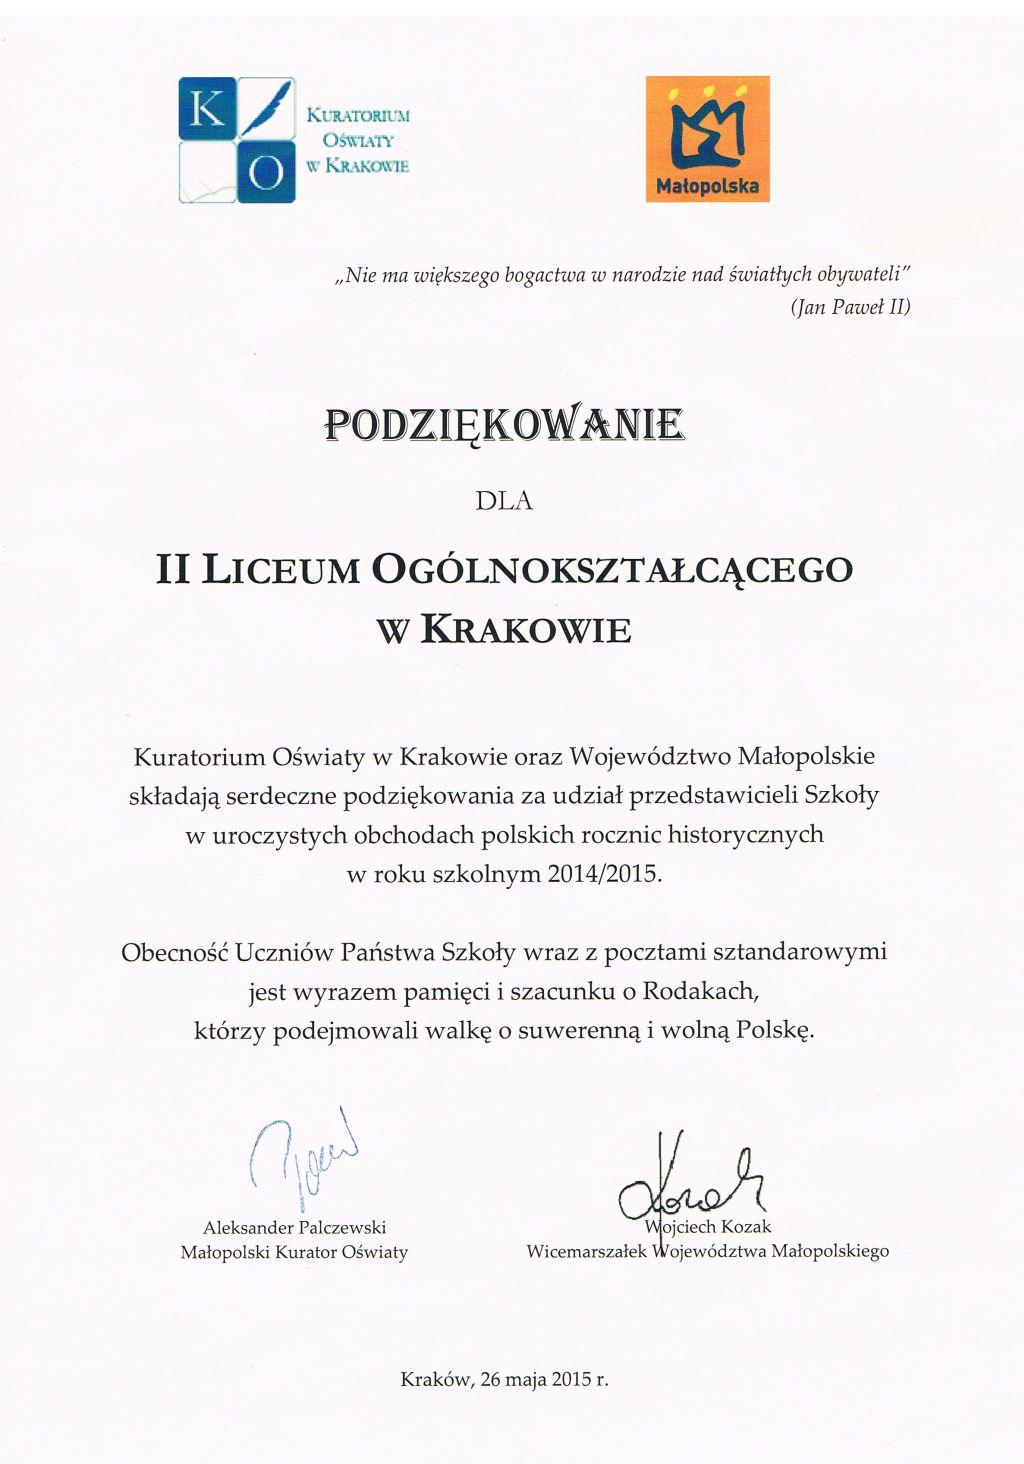 Obchody polskich rocznic historycznych